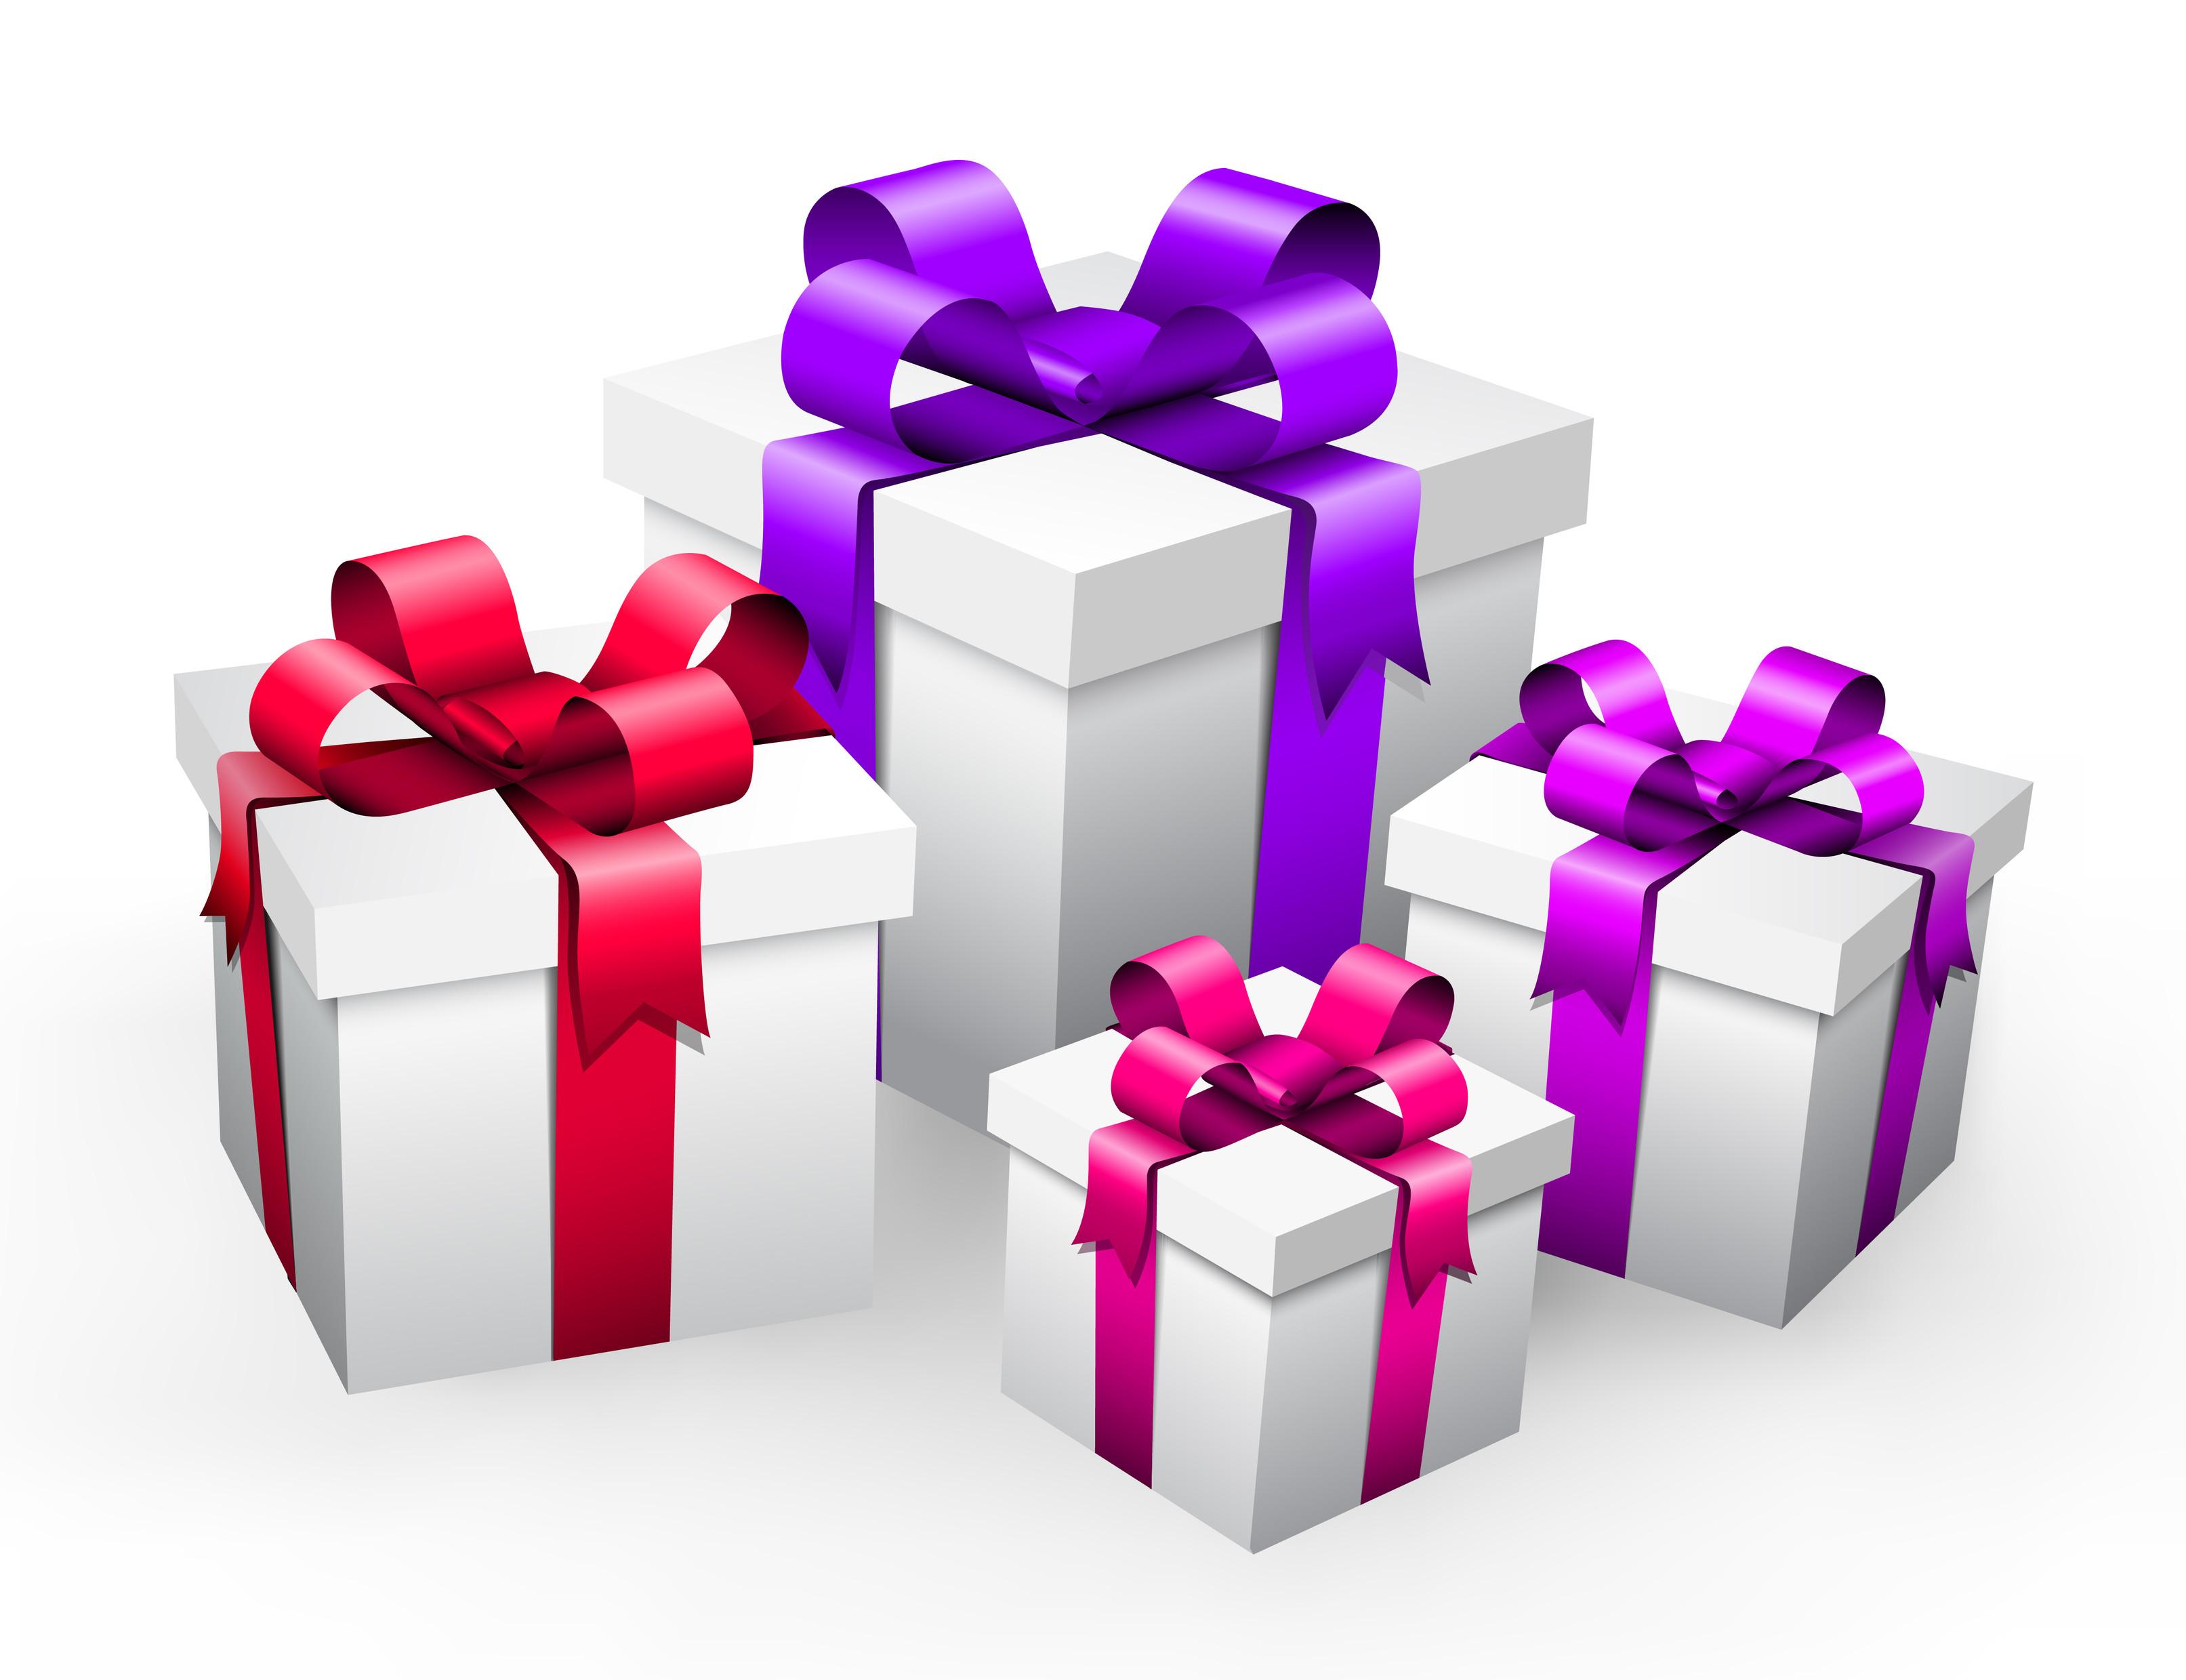 Außergewöhnliche Geburtstagsgeschenke  Geburtstagsgeschenke DeinGeschenk normal sind